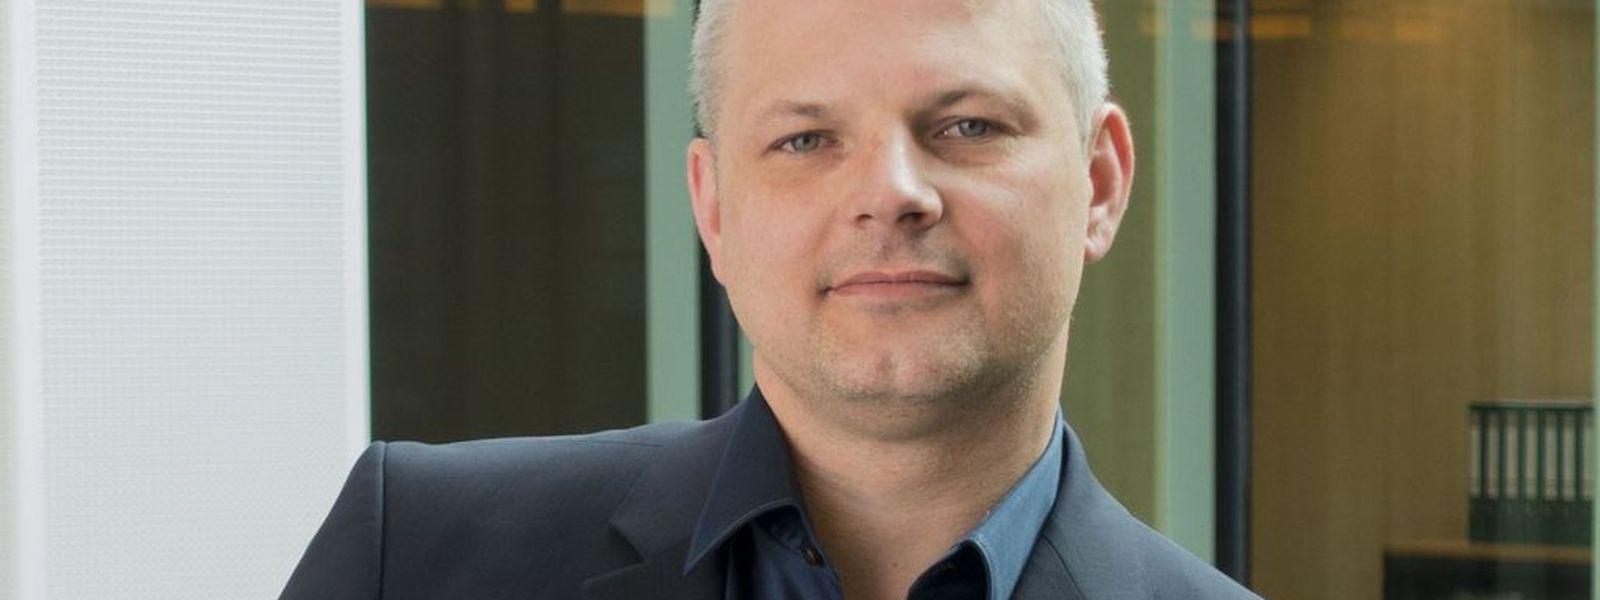 Karoly Papp remplace Laszlo Czero à la tête de Docler Holding. (Photo: Docler)